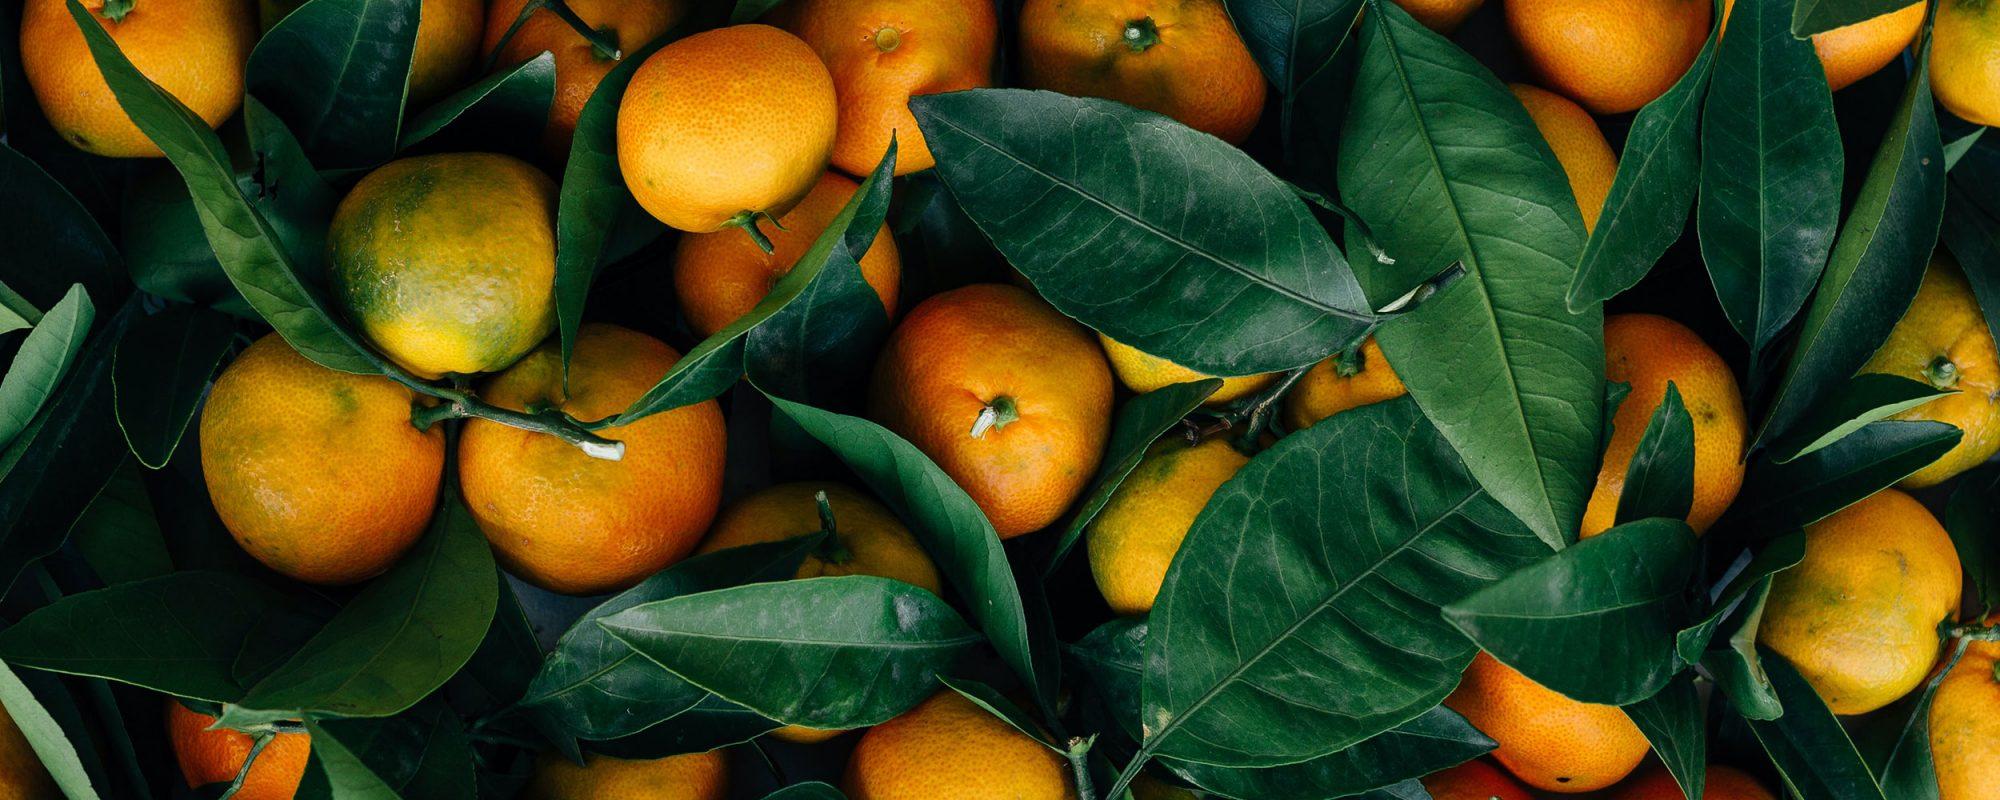 amiga-transformacion-citricos-big